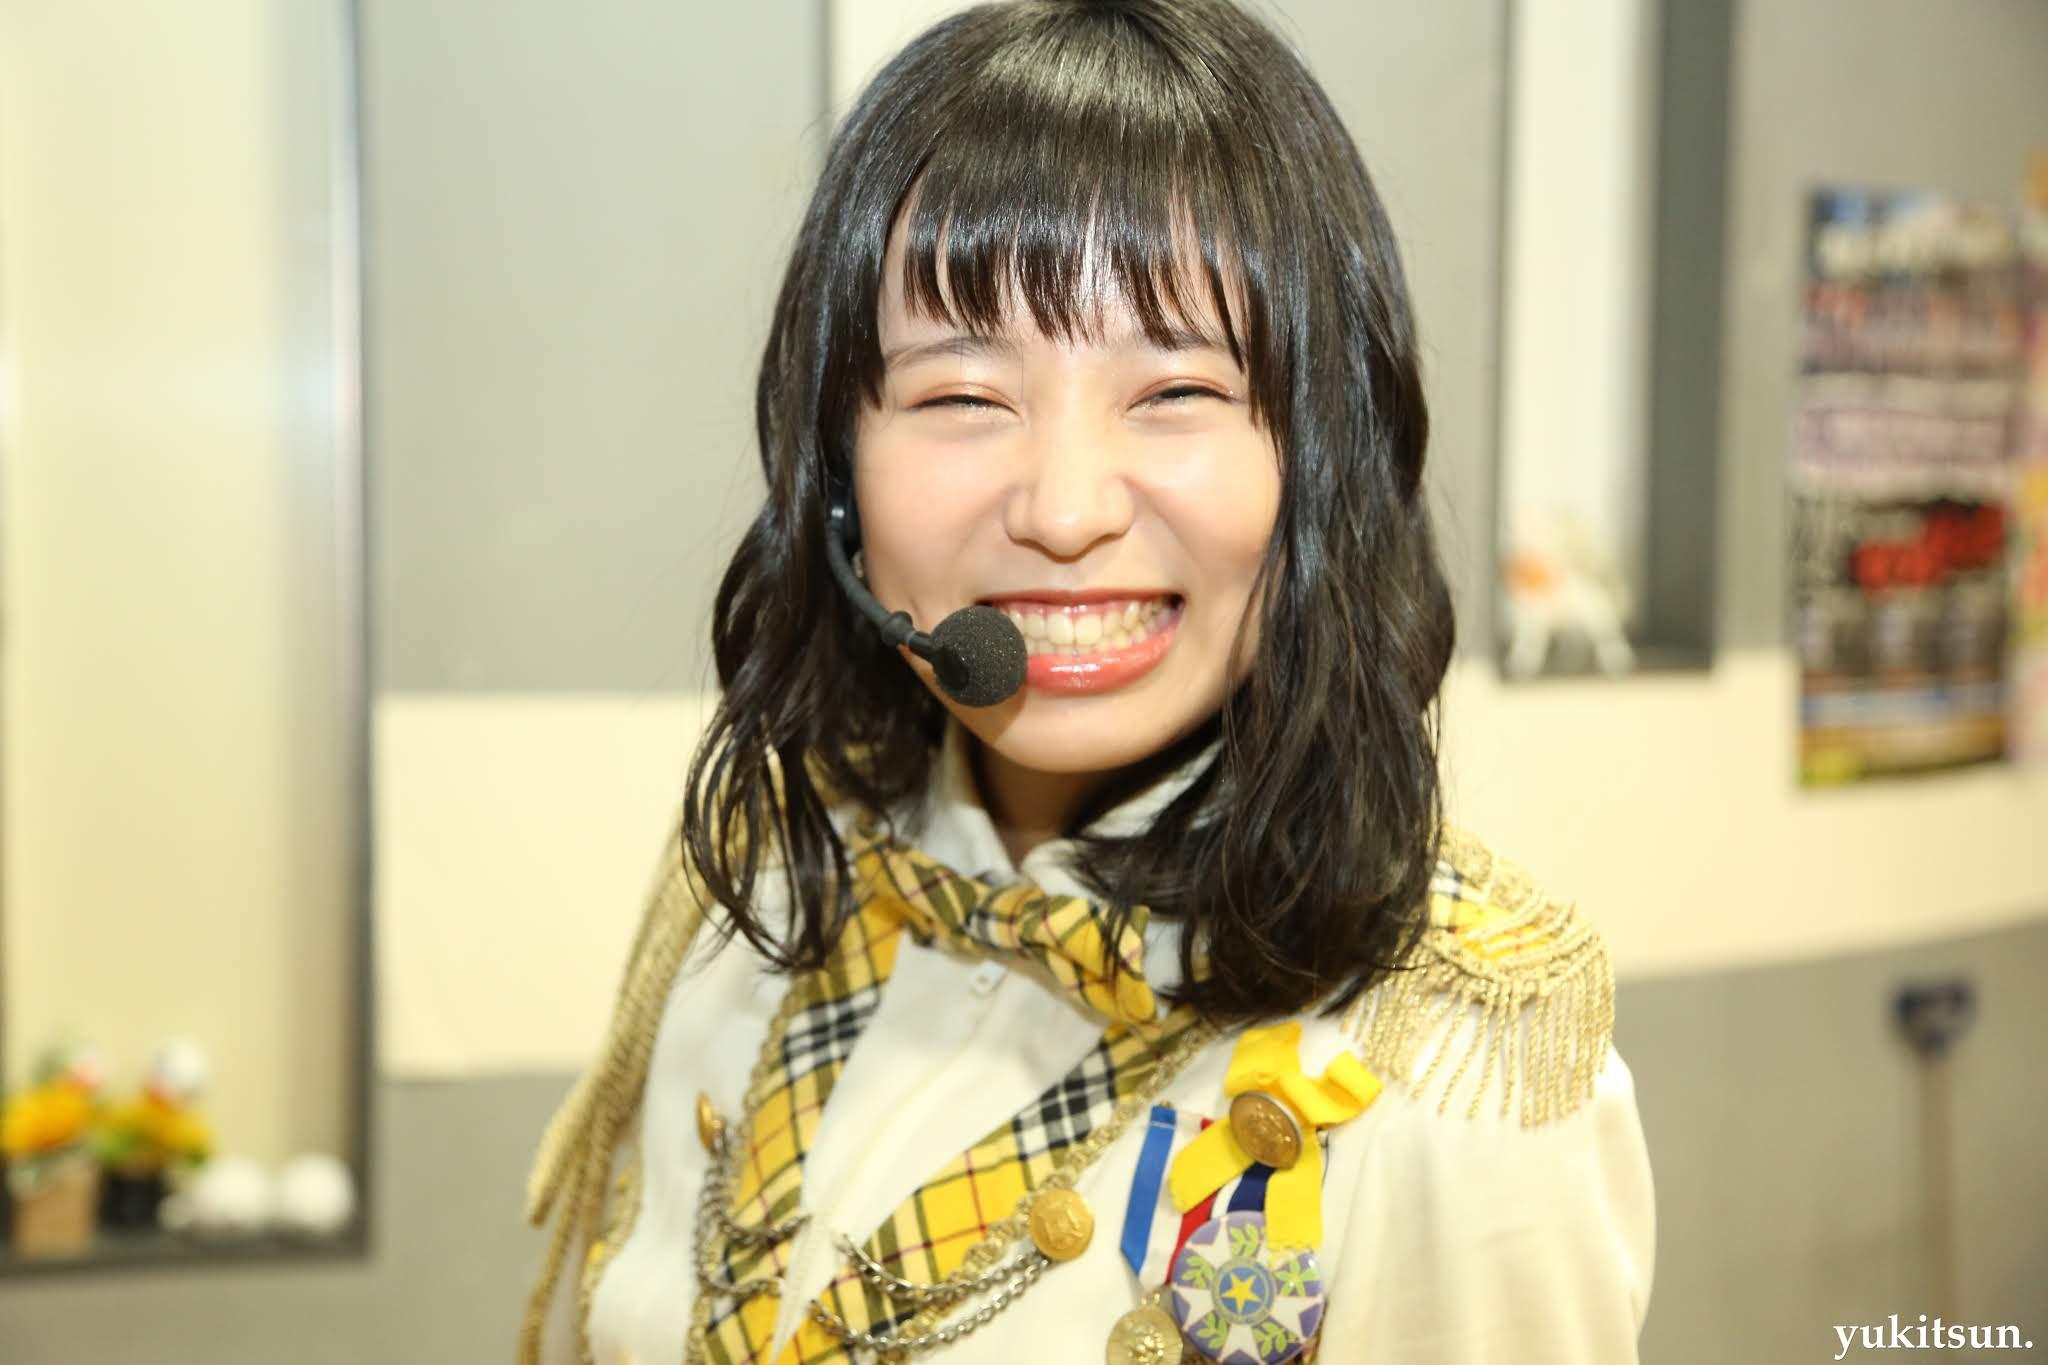 yamazaki-48